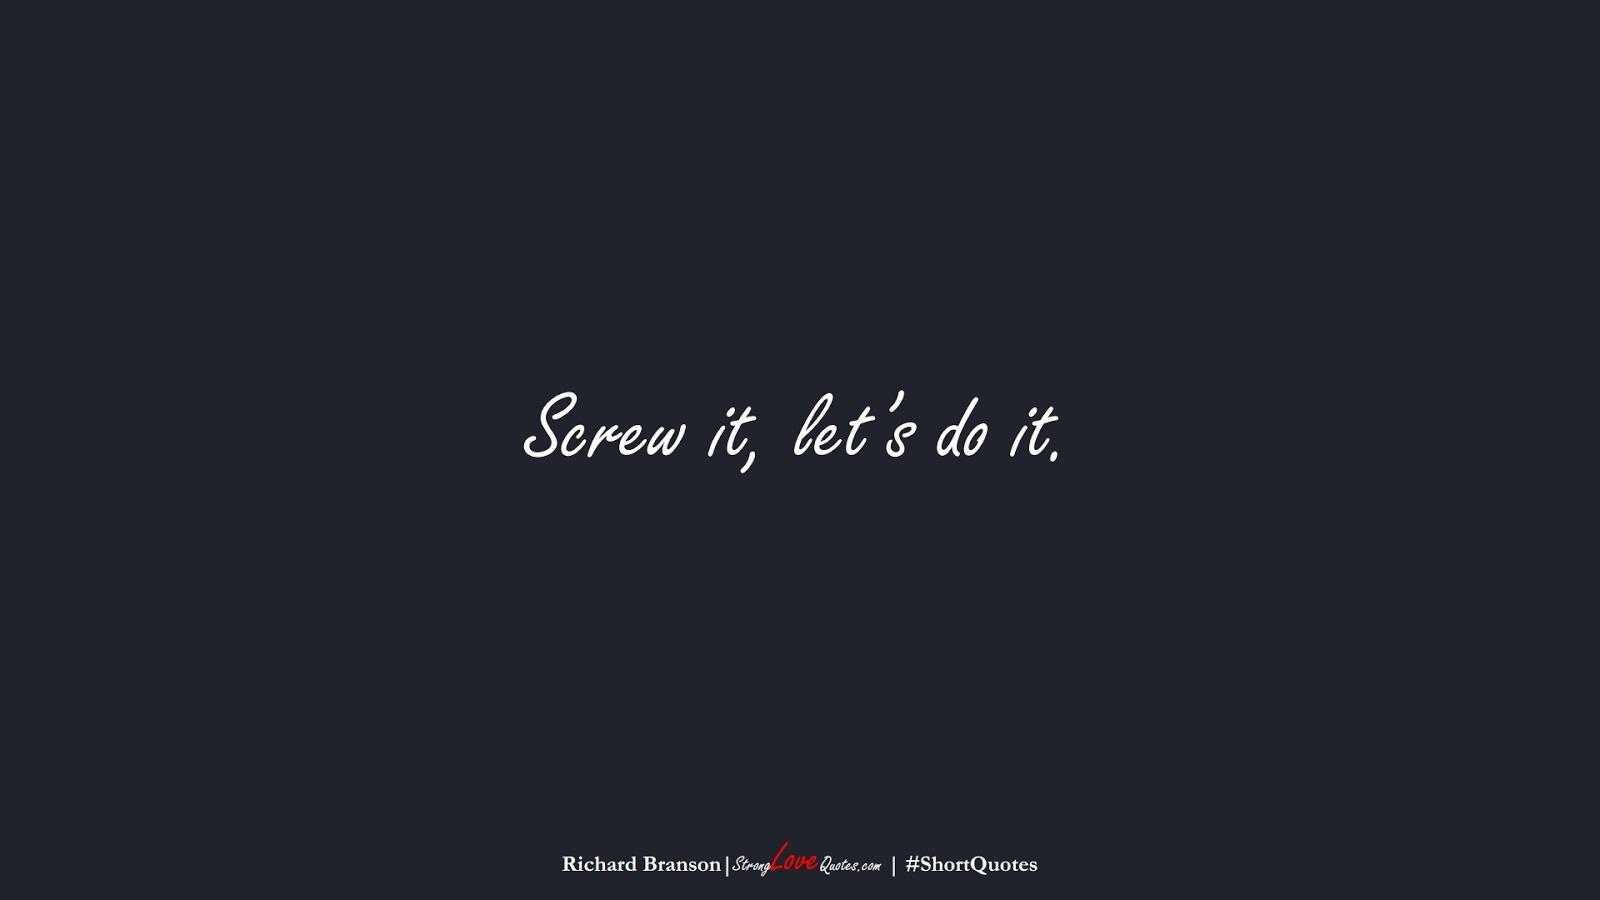 Screw it, let's do it. (Richard Branson);  #ShortQuotes